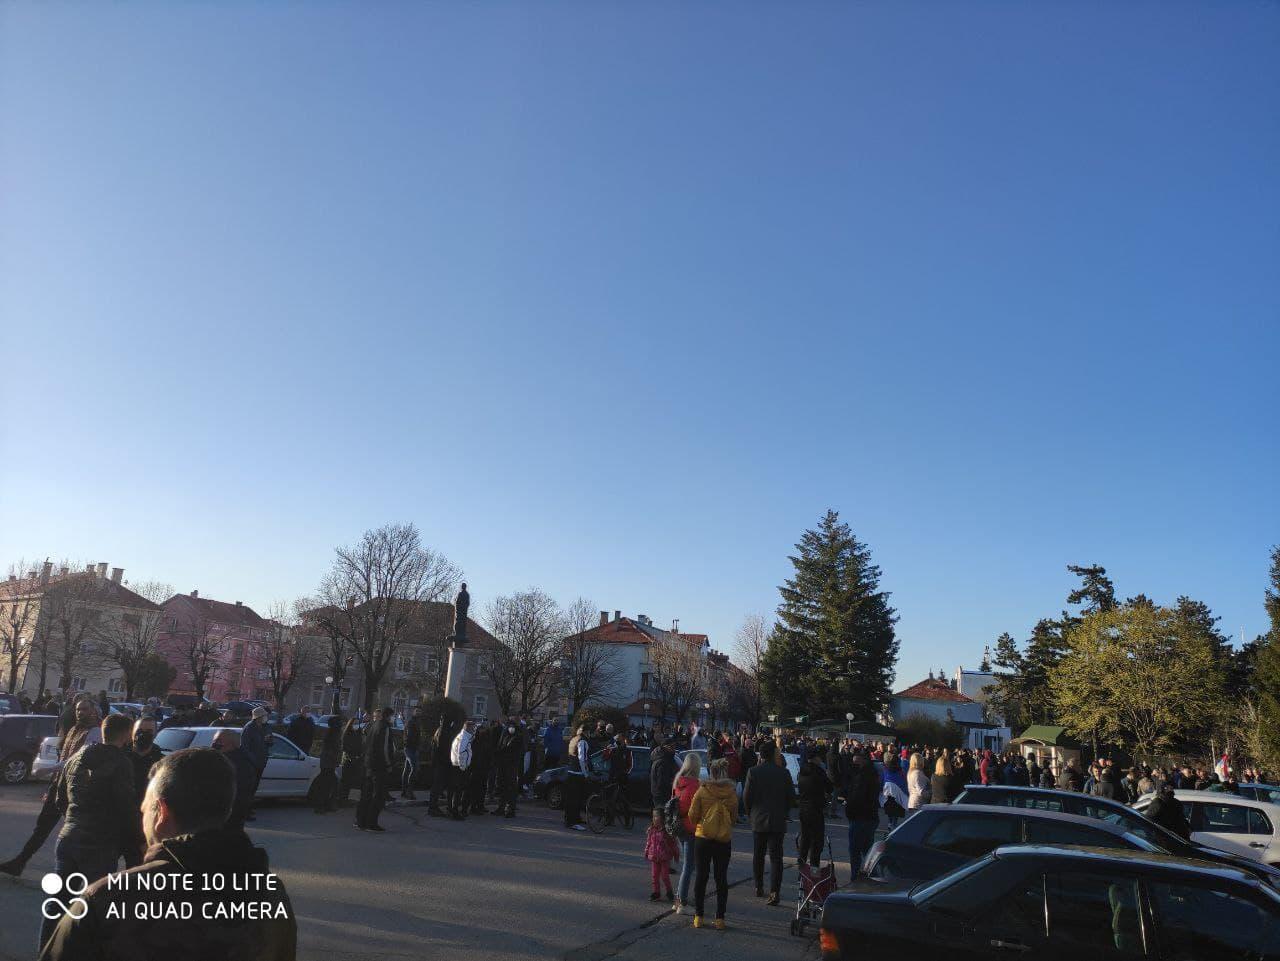 (ВИДЕО) Народ уз министра правде: Протестне шетње, блокаде путева